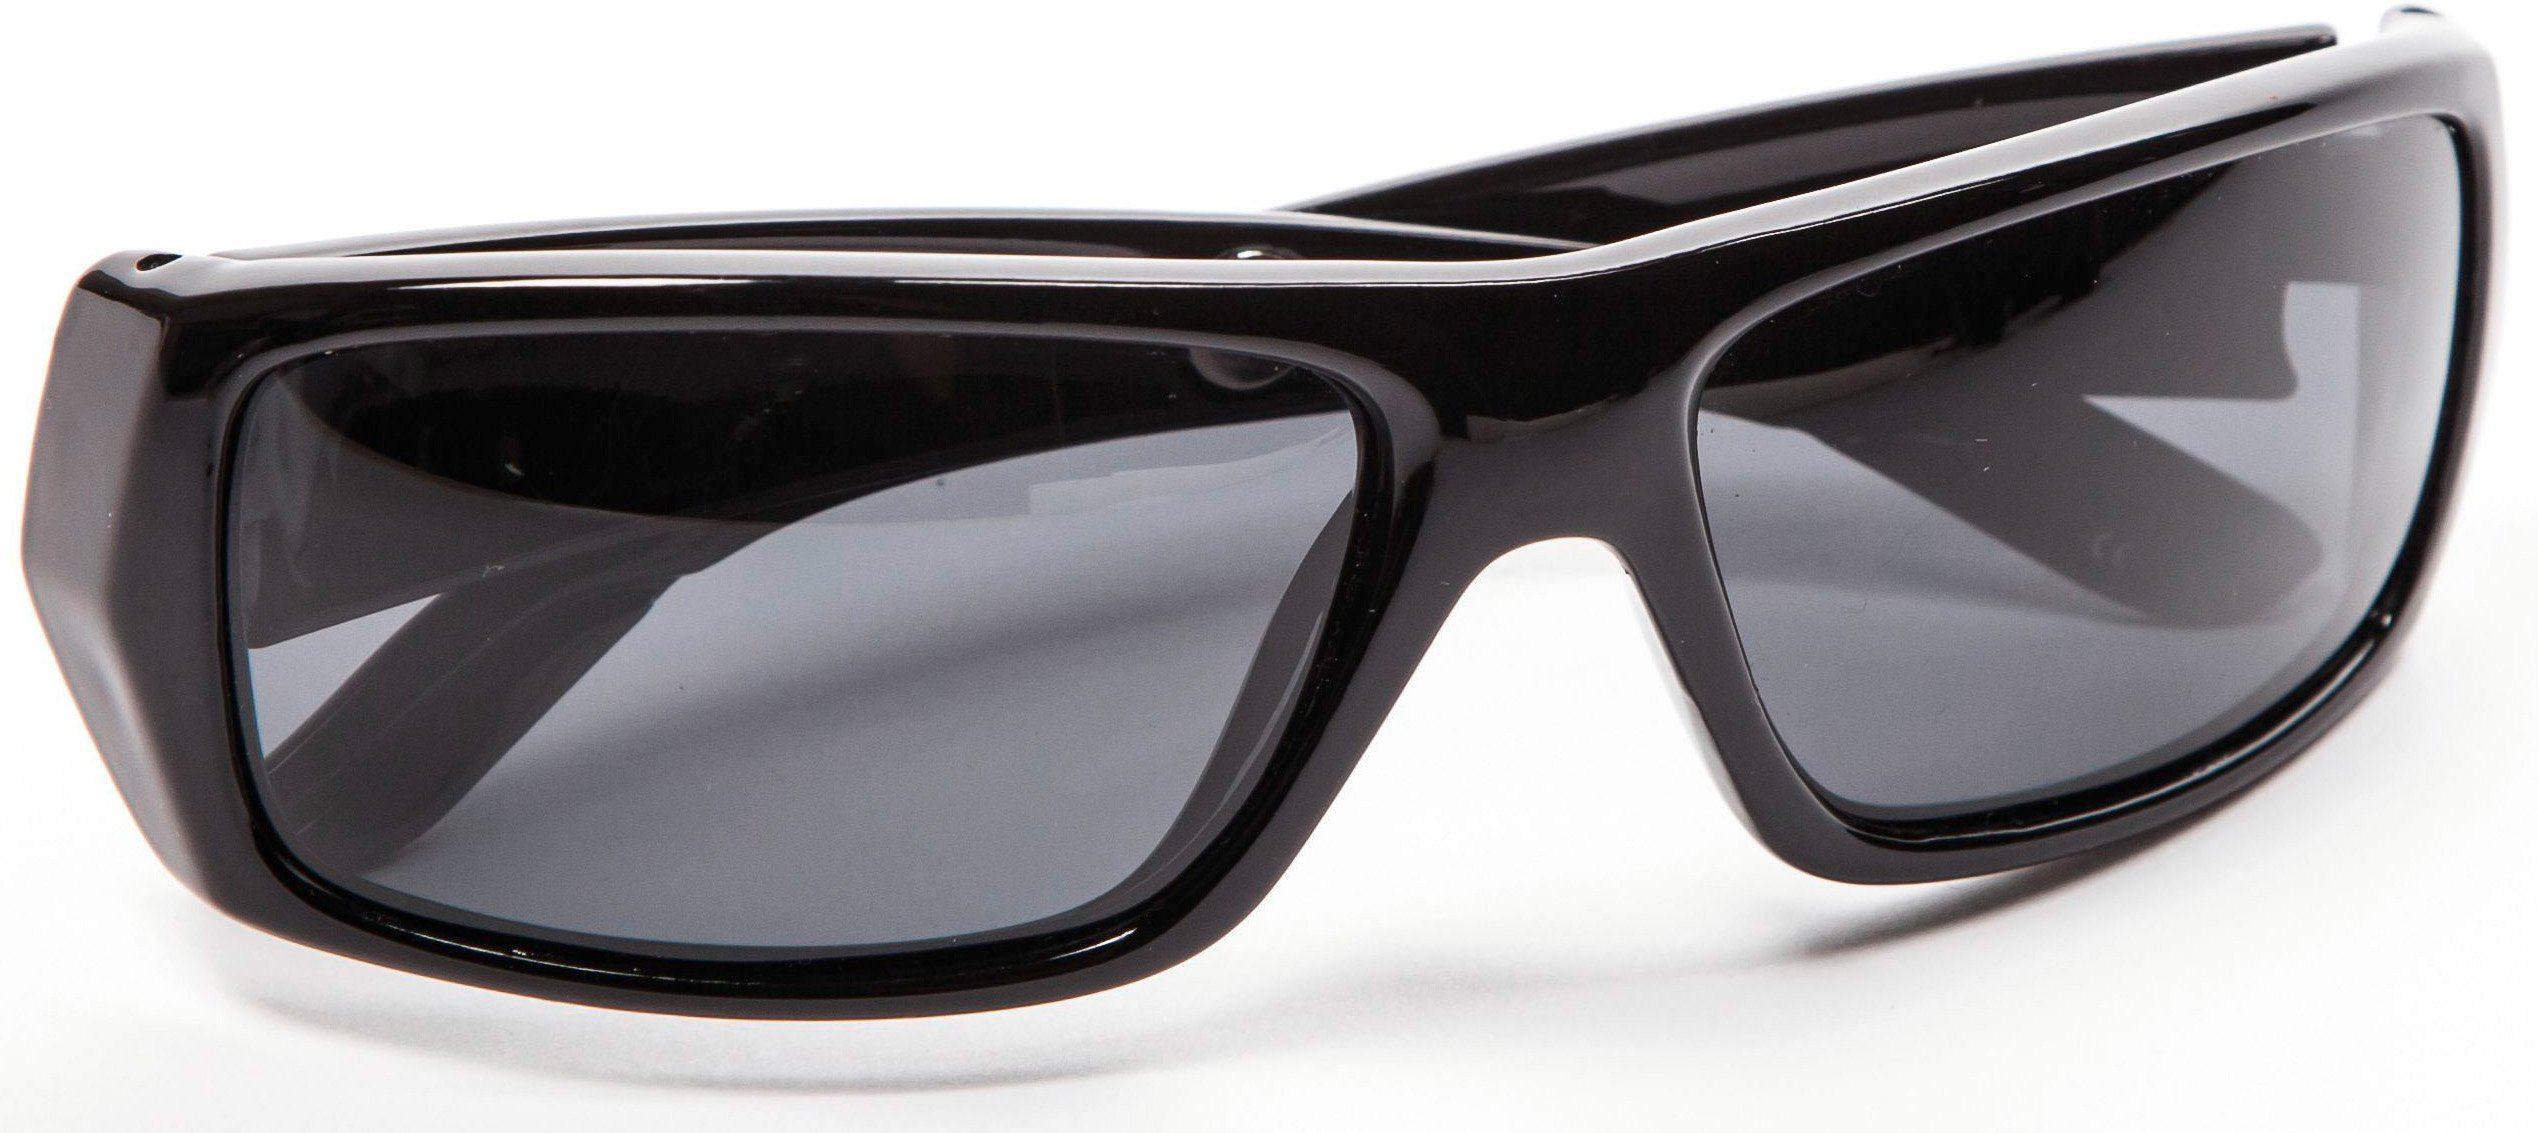 Polaryte Sonnenbrille, »Polaryte Einzelbrille«, schwarz